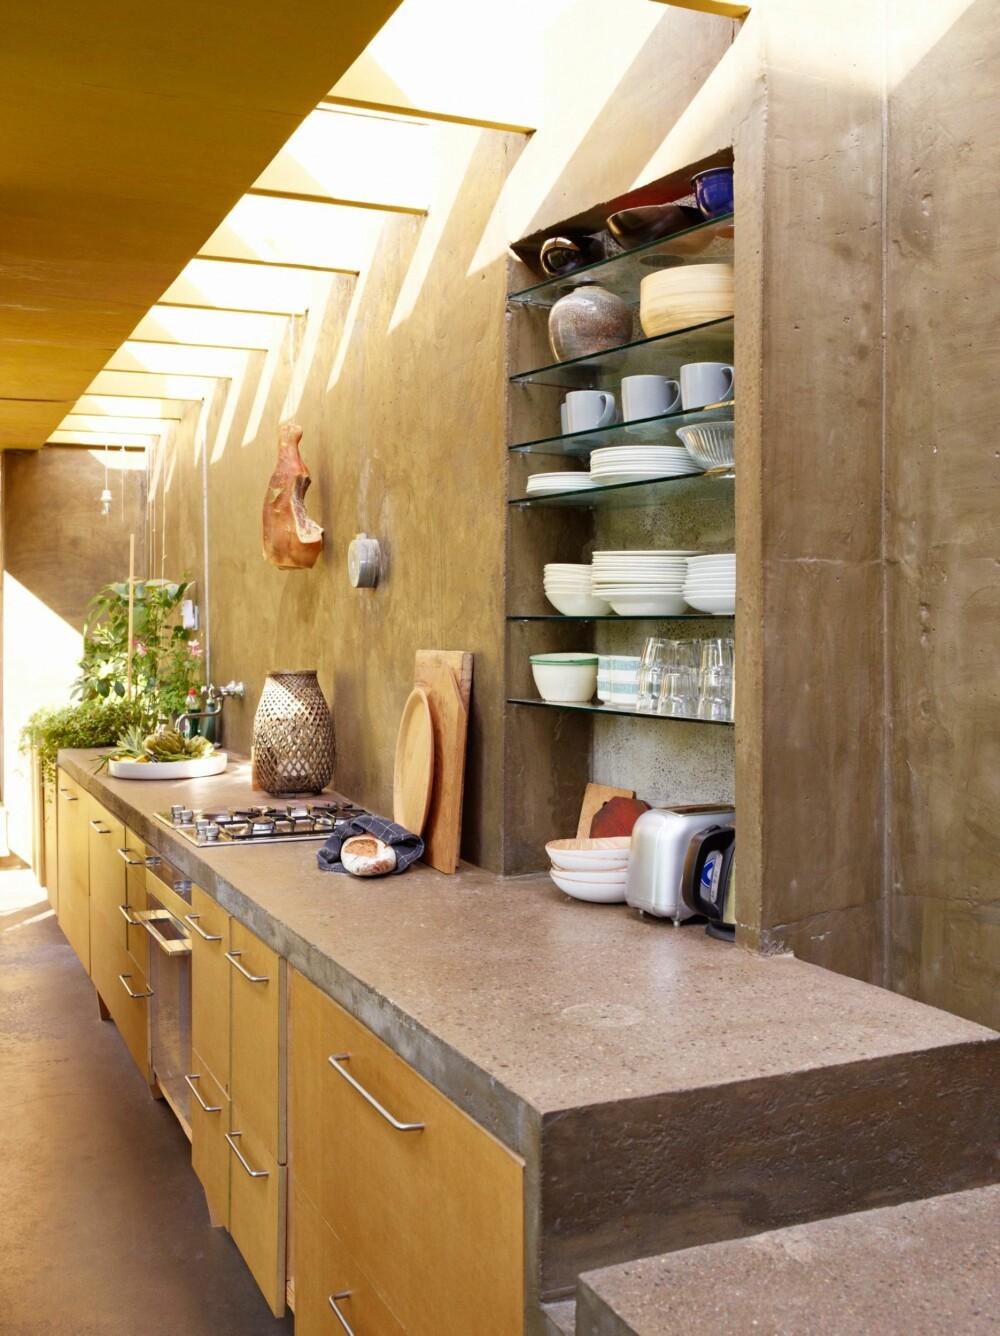 INNEKJØKKEN MED UTEFØLELSE:  Overlyset gir en fornemmelse av å befinne seg utendørs. De åpne hyllene er tilpasset familiens kjøkkenartikler slik at volumet utnyttes maksimalt.